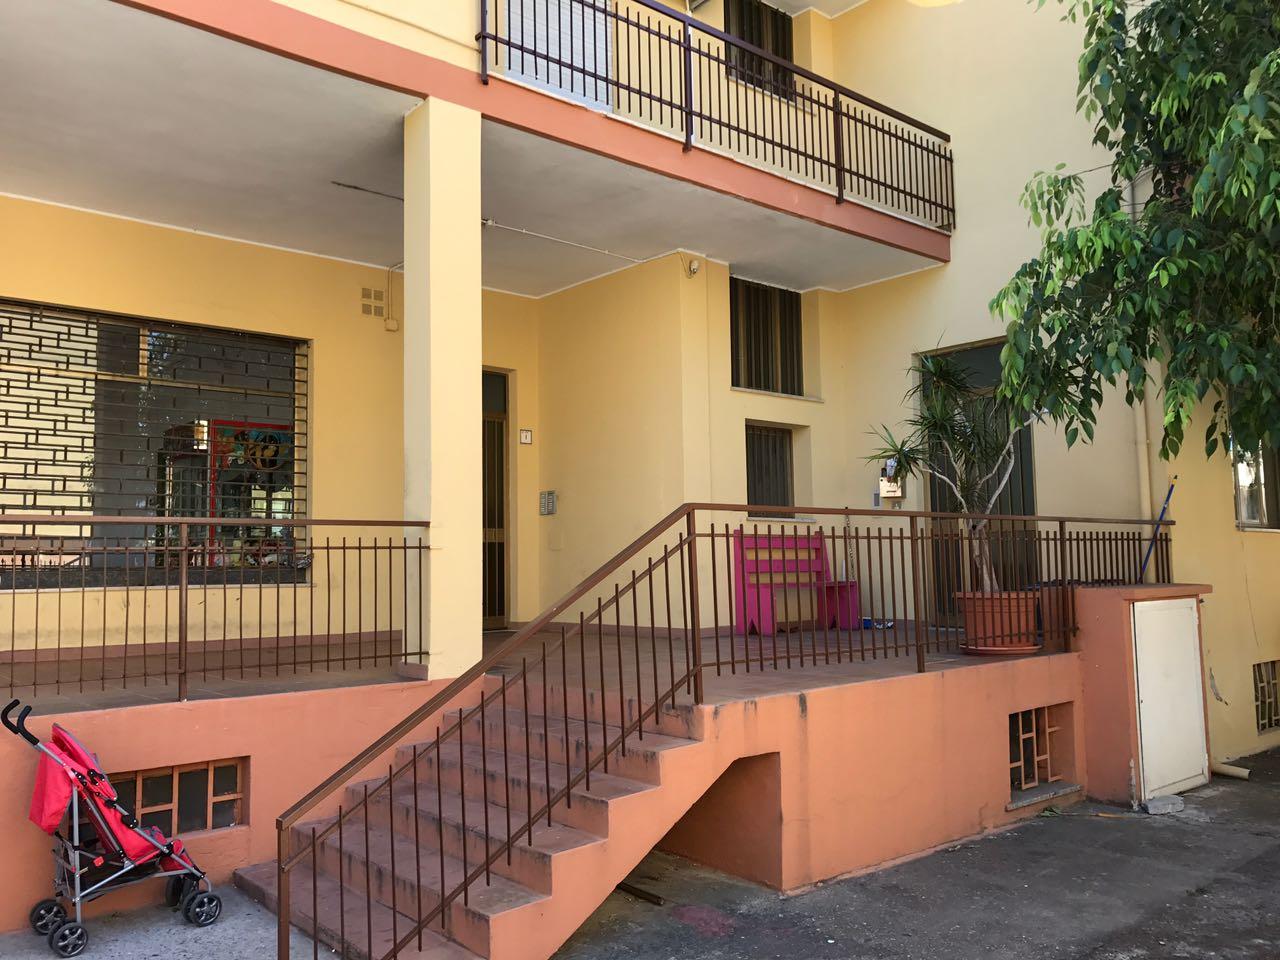 Appartamento in vendita a Tortolì, 4 locali, prezzo € 135.000 | CambioCasa.it